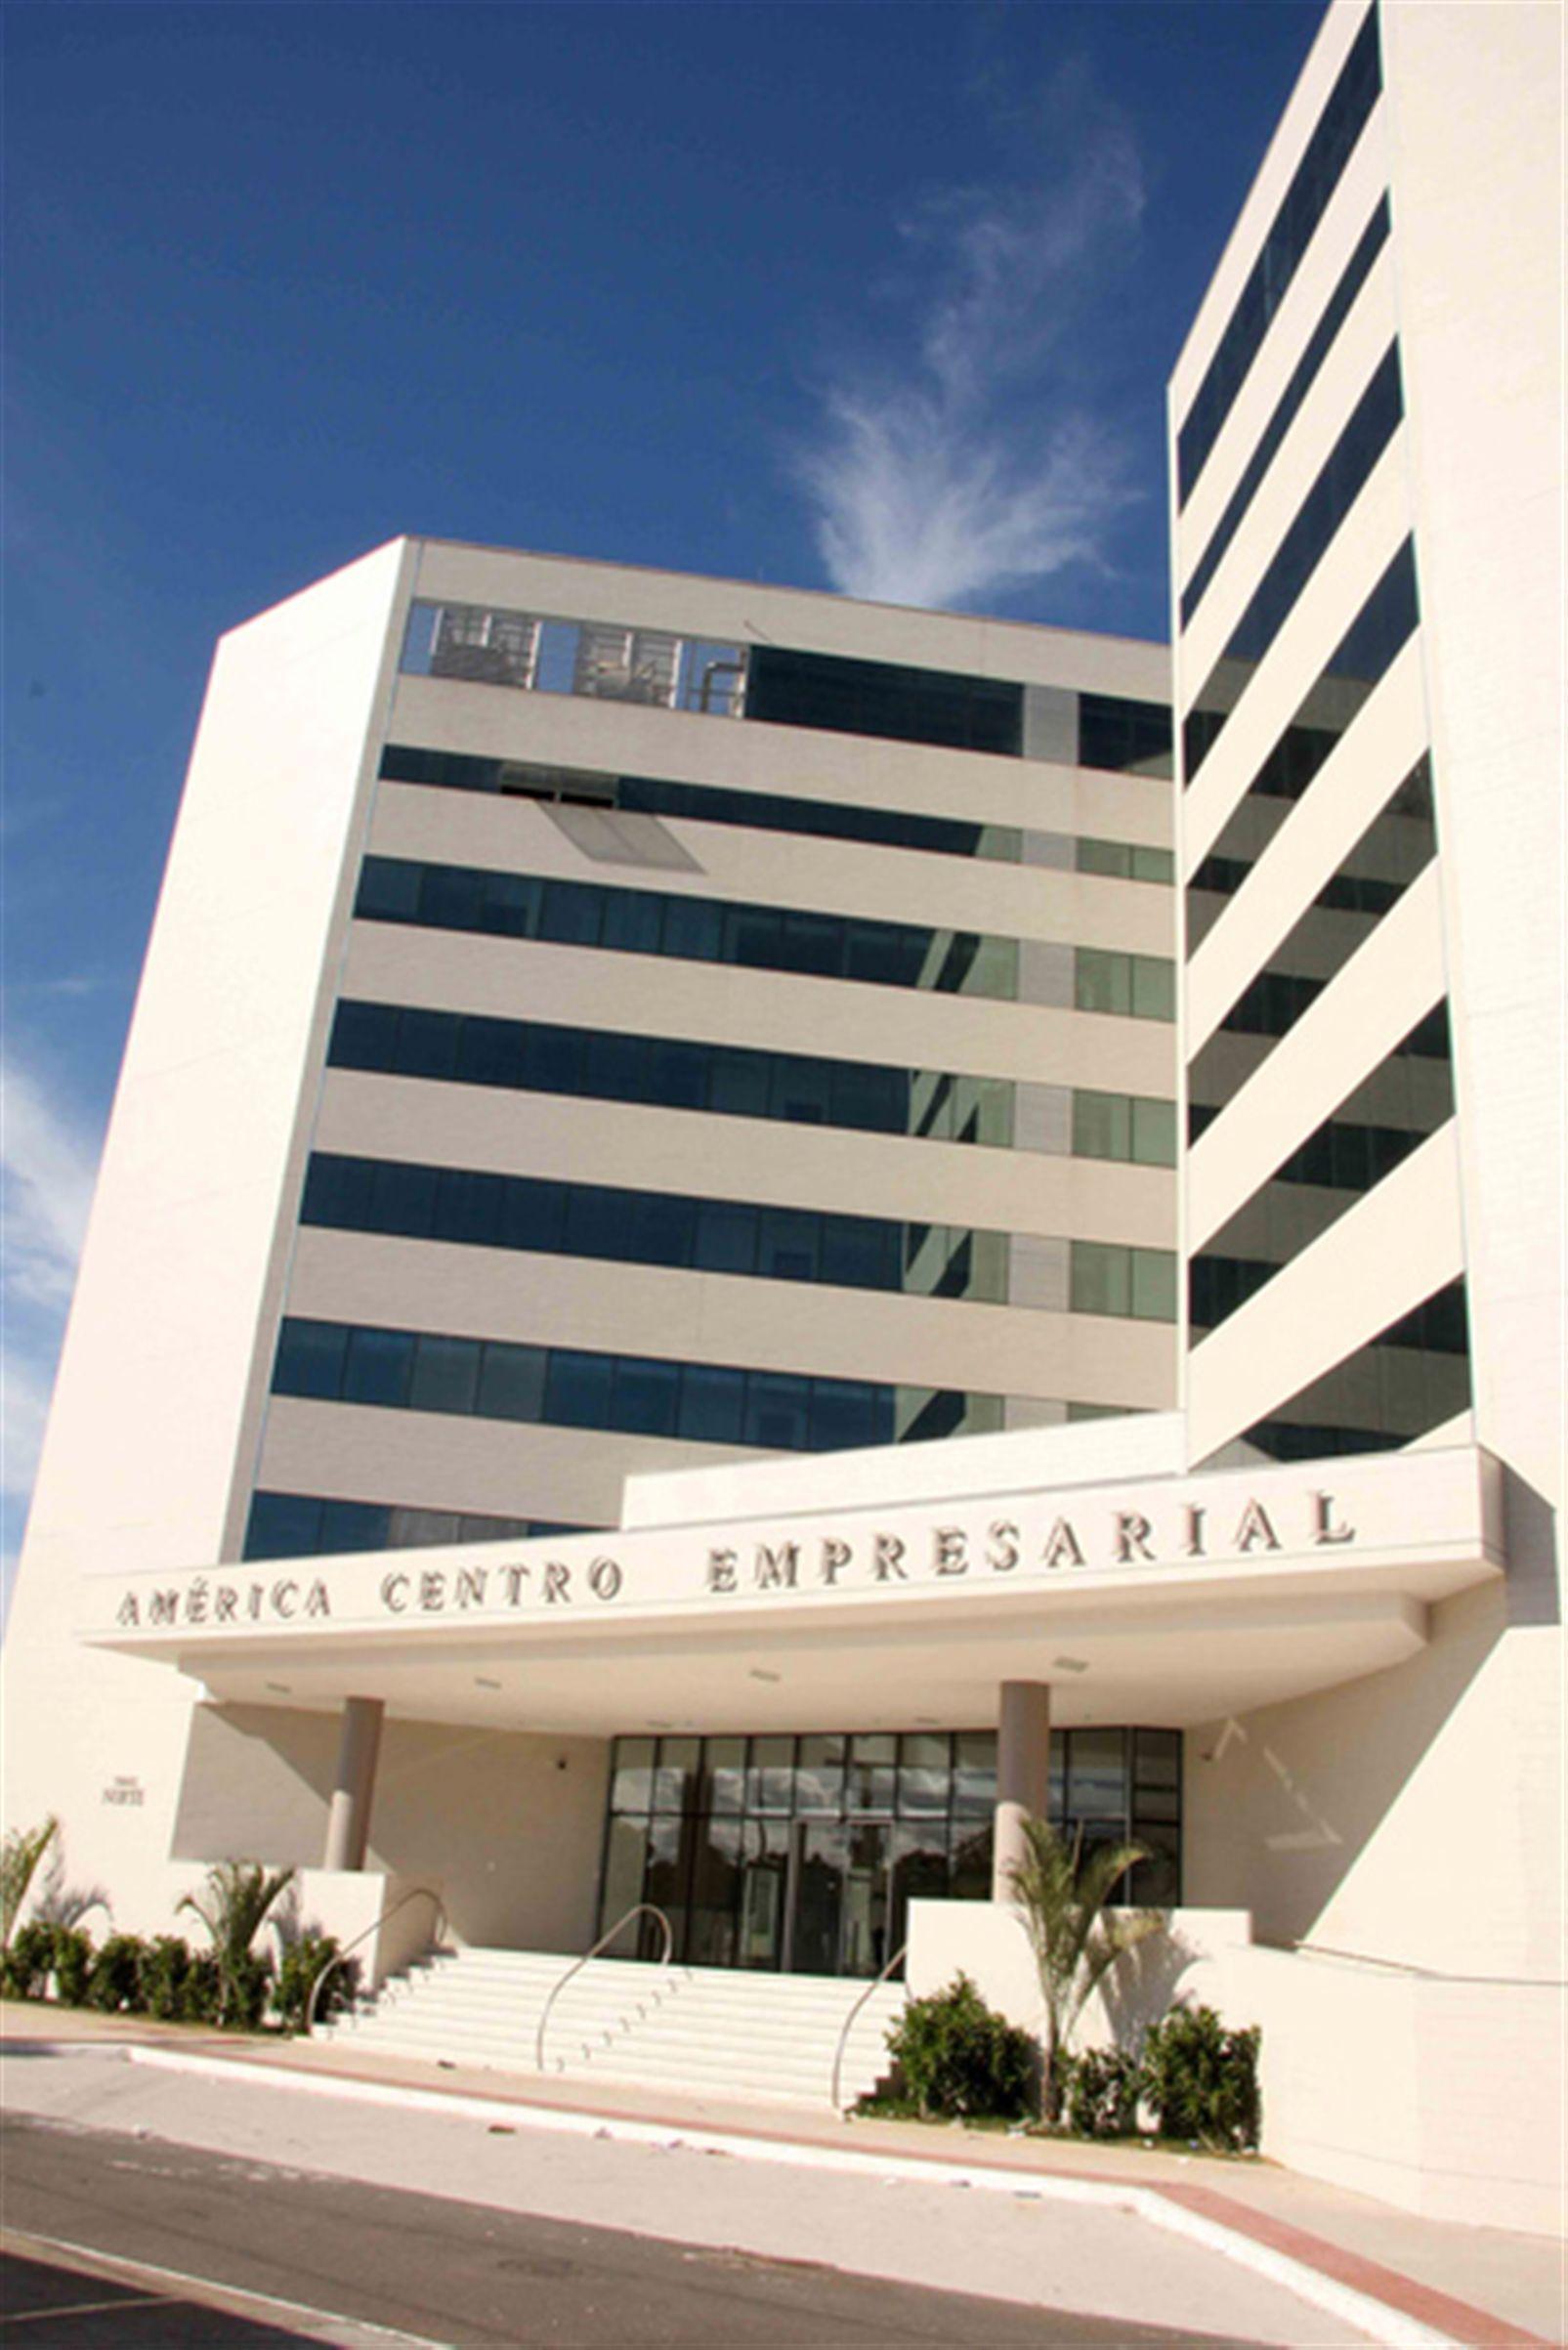 Imóvel pronto | América Centro Empresarial – Salas Comerciaisna  Mata da Praia - Vitória - Espírito Santo